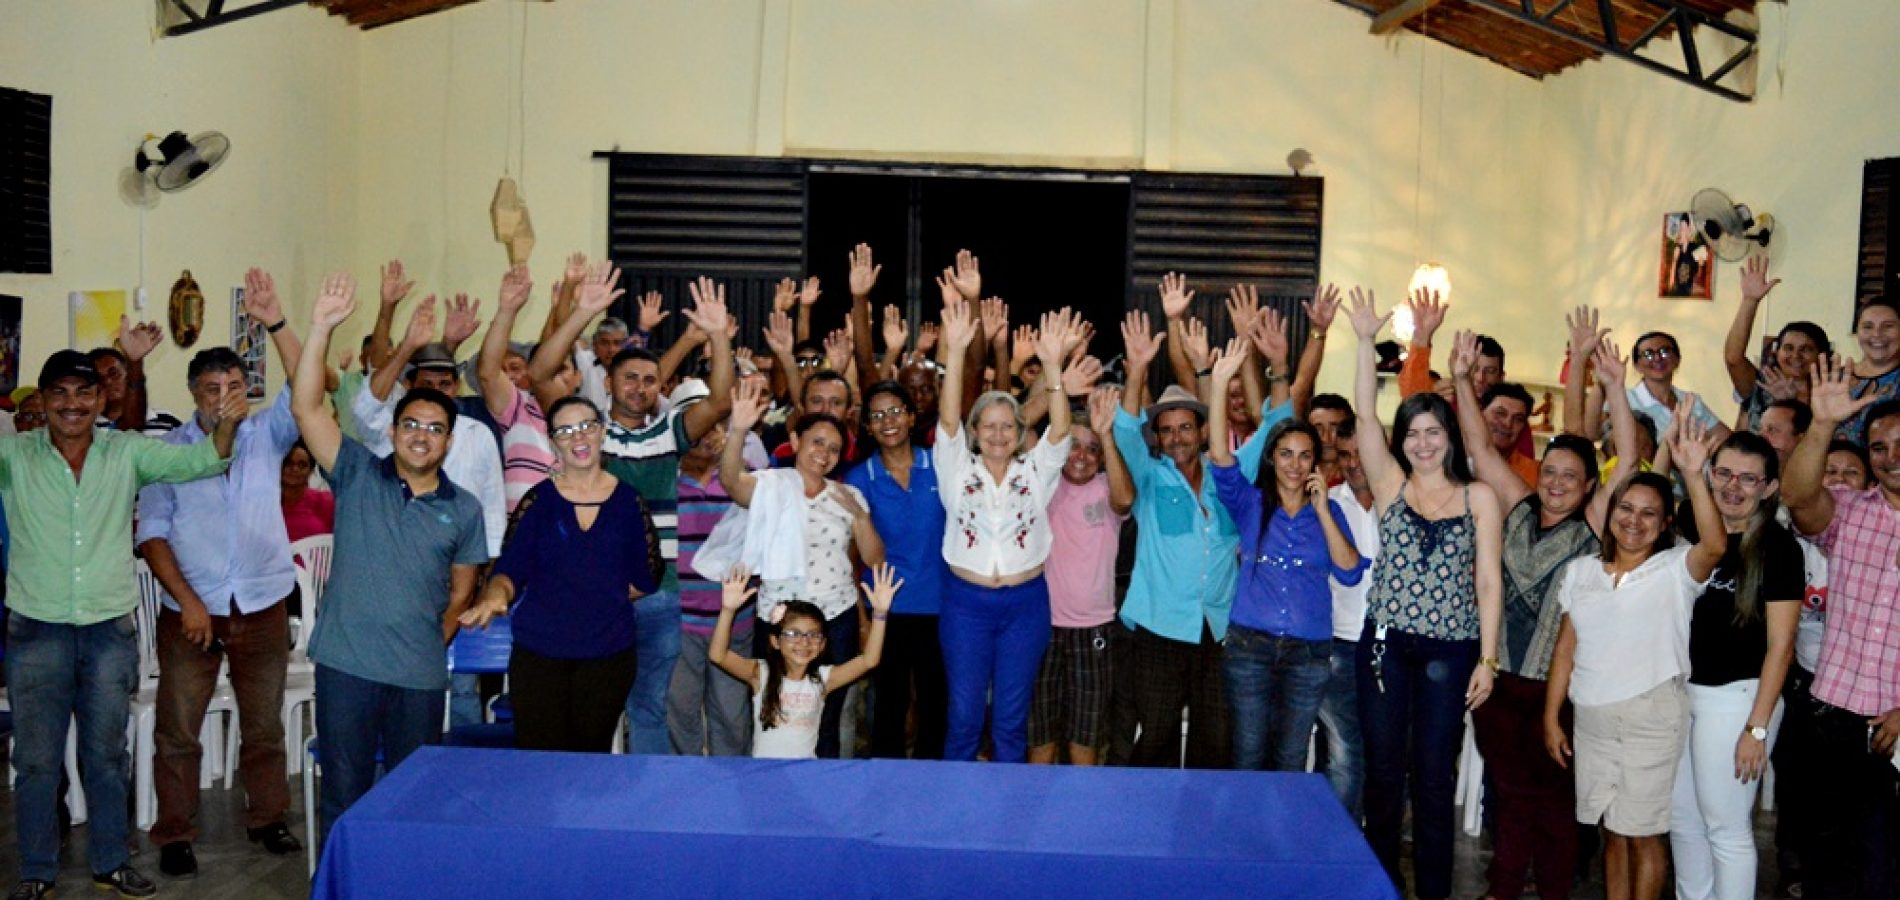 Gestão de Edilson Brito realiza palestras e mais de 100 exames em prol da saúde do homem em Vila Nova do PI; fotos